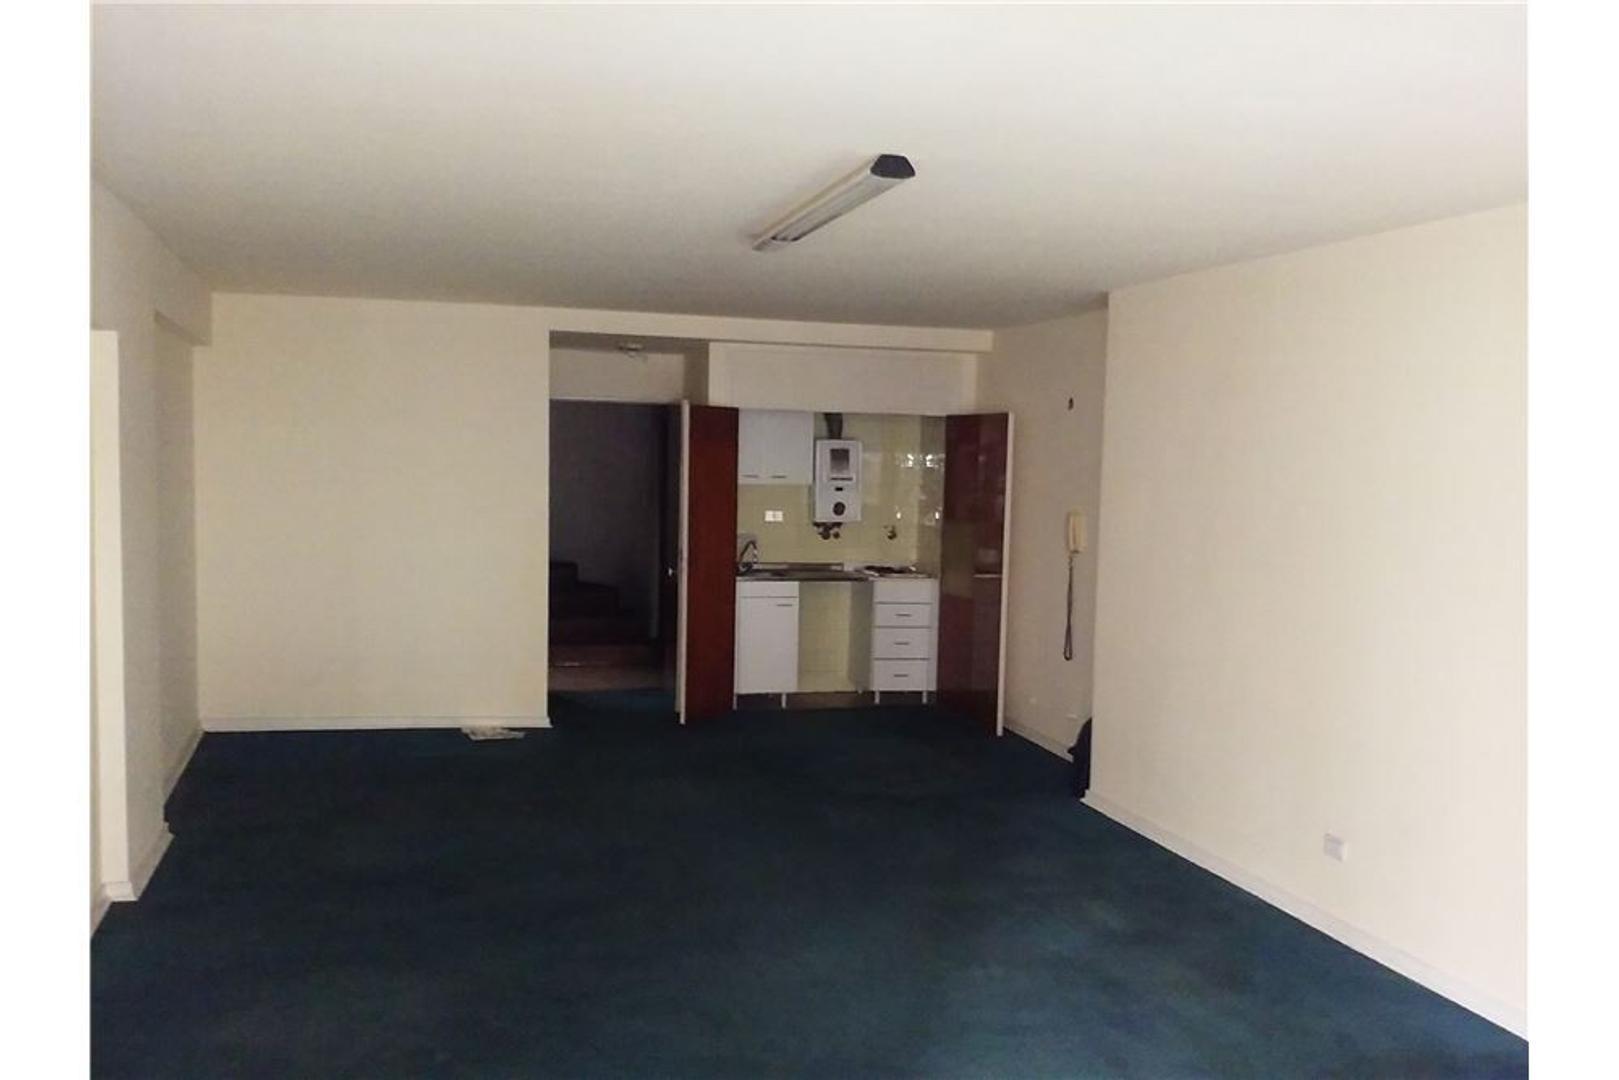 Venta oficina microcentro 47 m2 al frente c/baño.